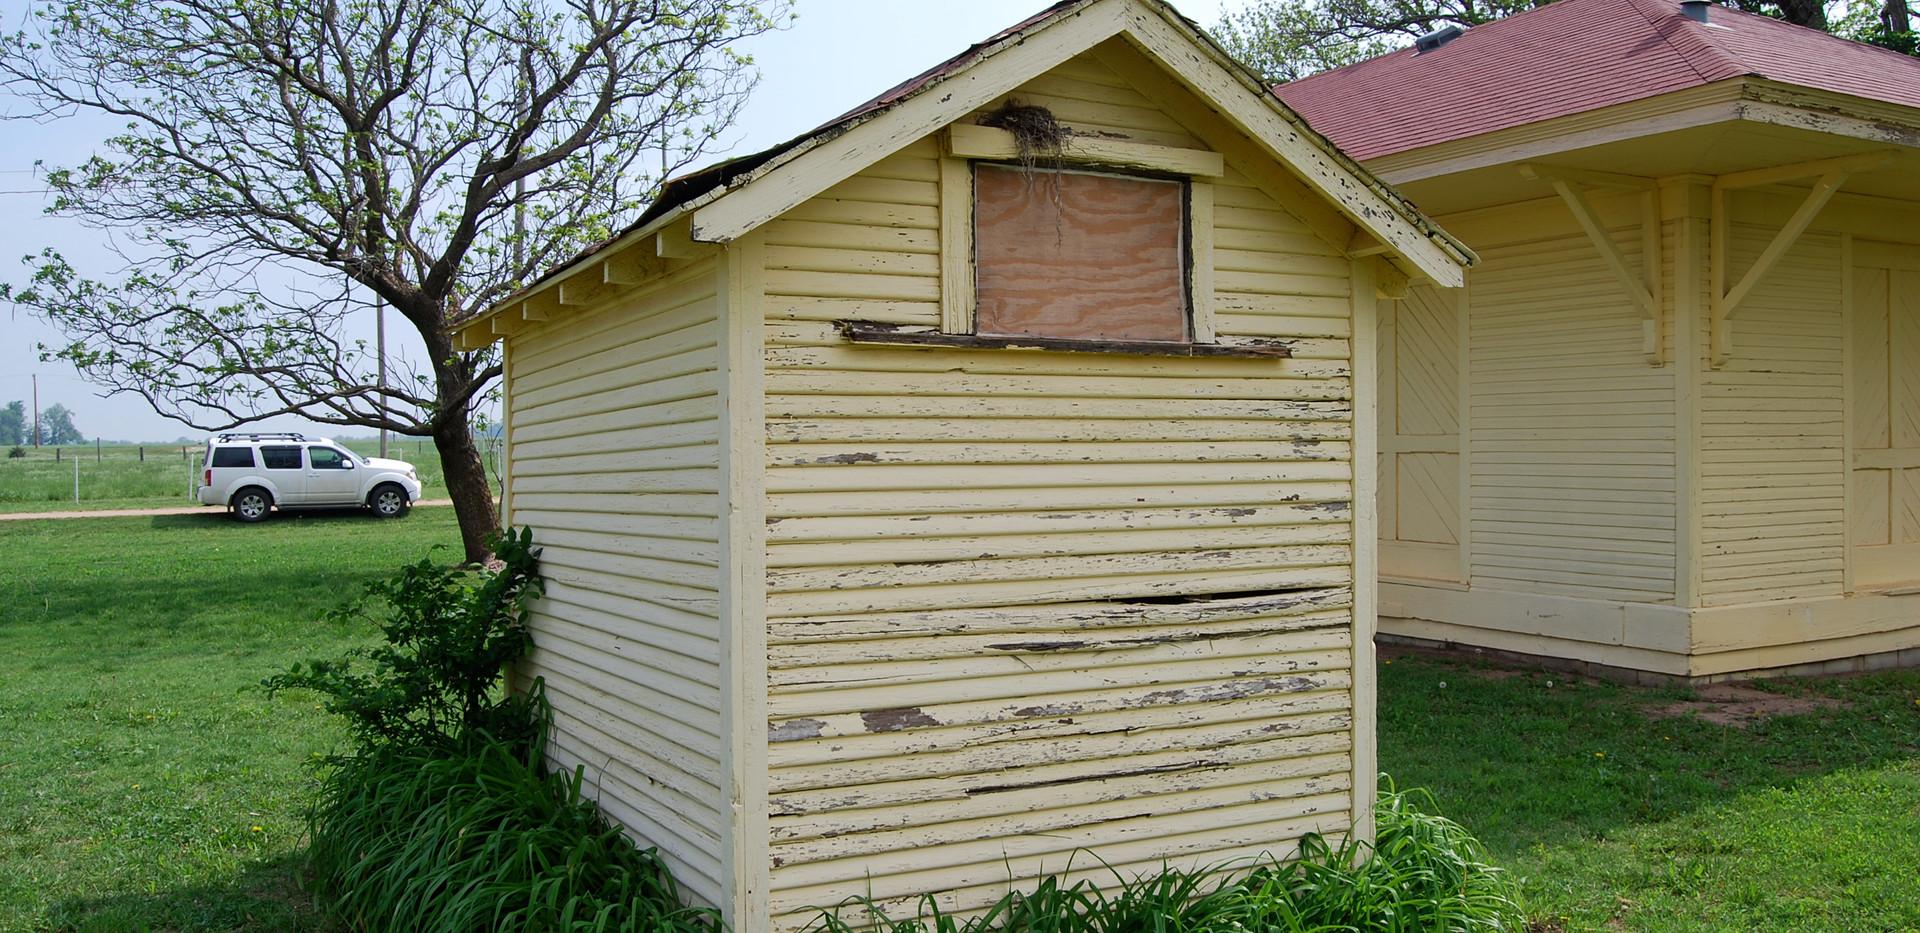 KCMO(ATSF)- outhouse